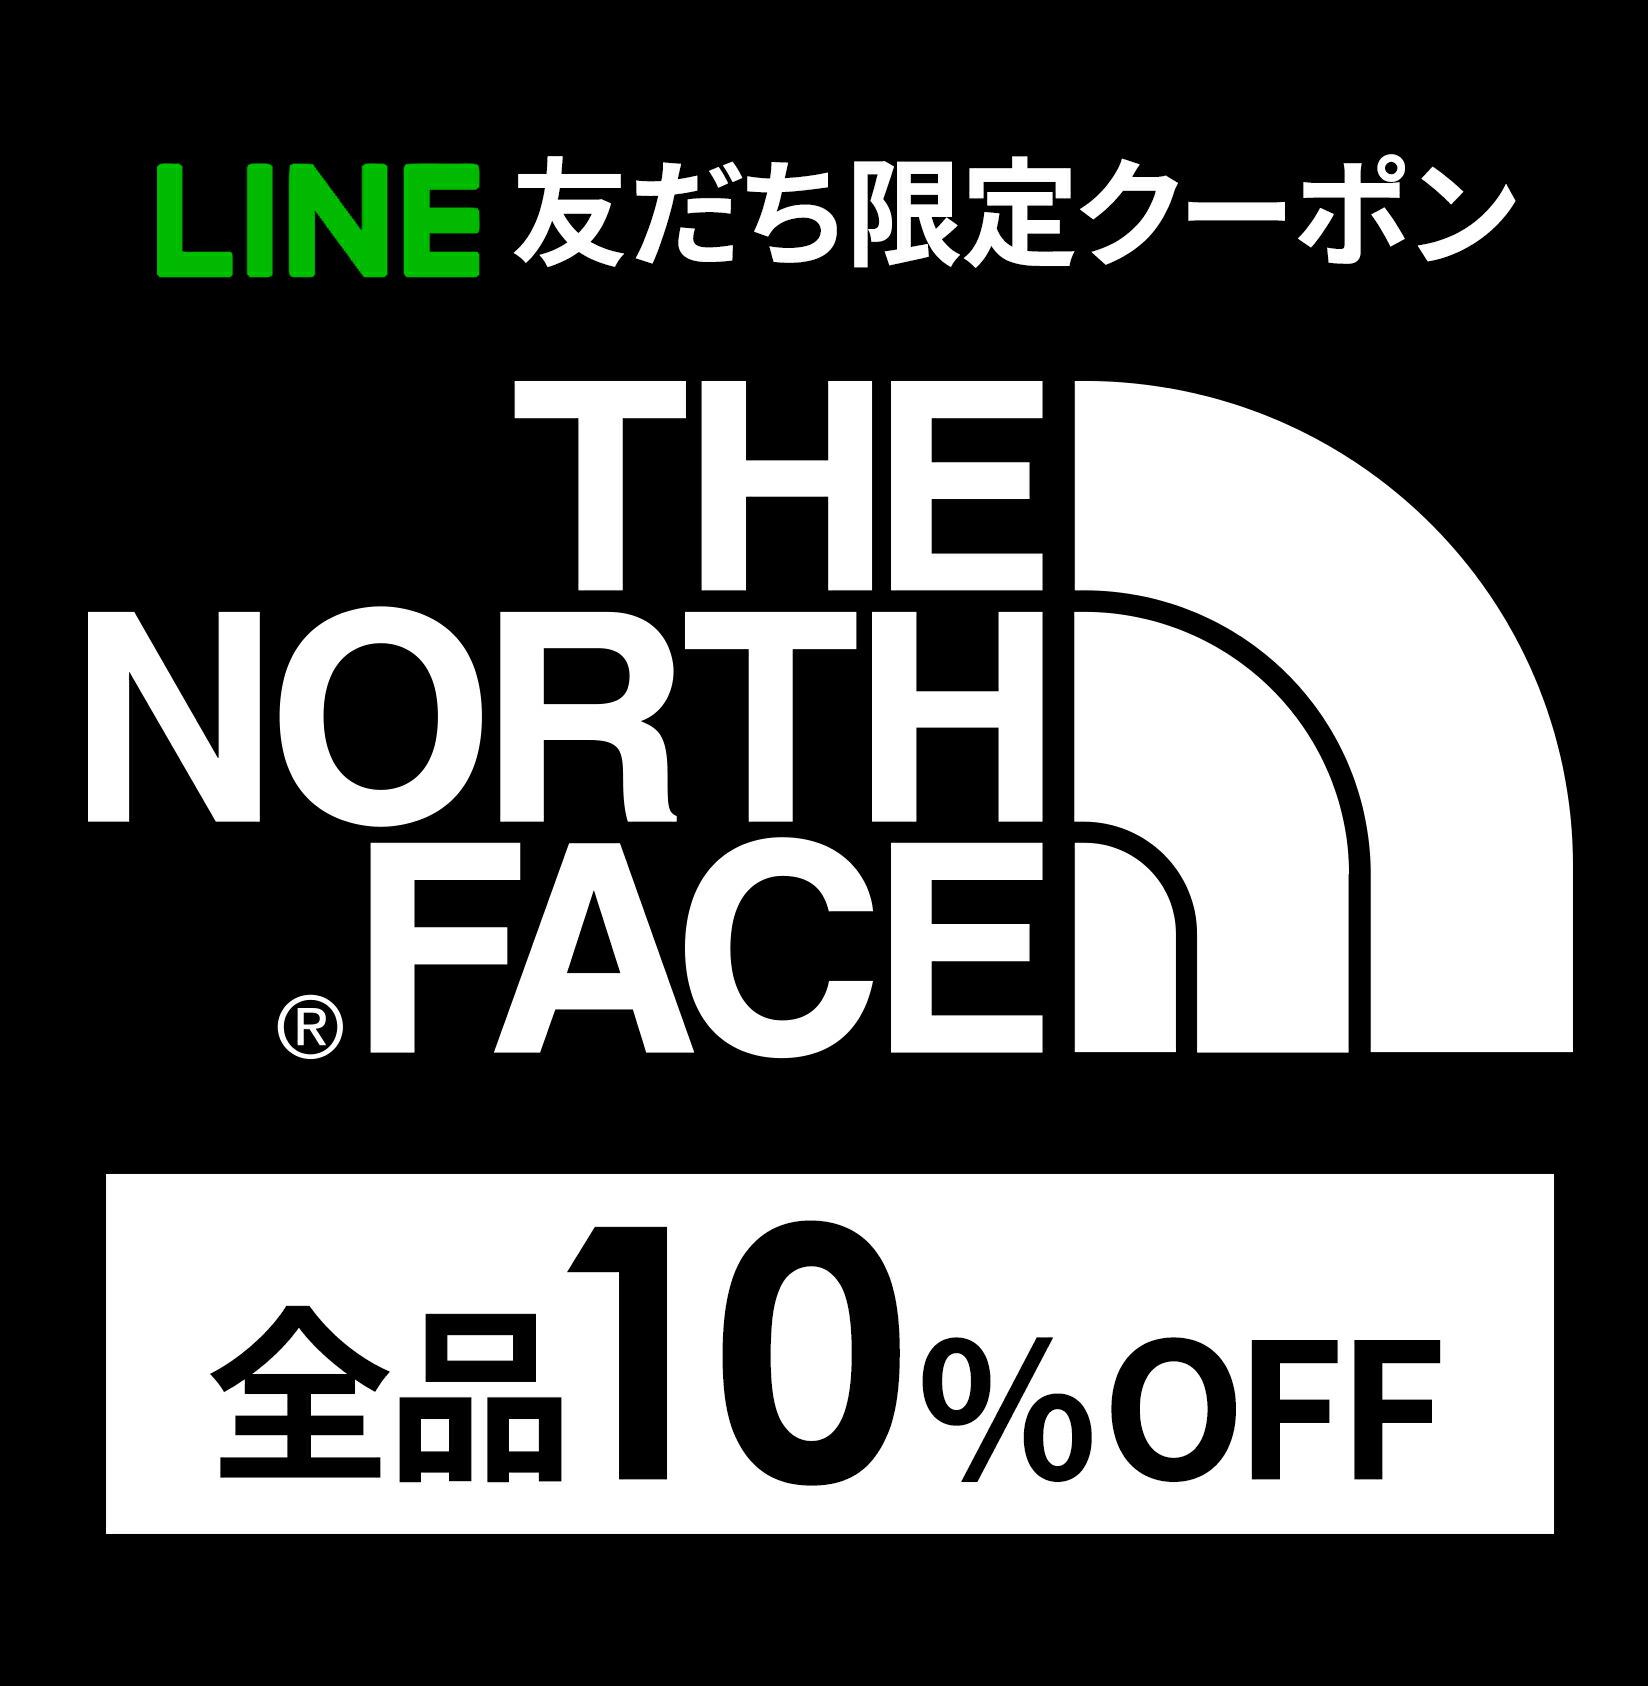 LINE友達限定ノースフェイス全品10%OFF